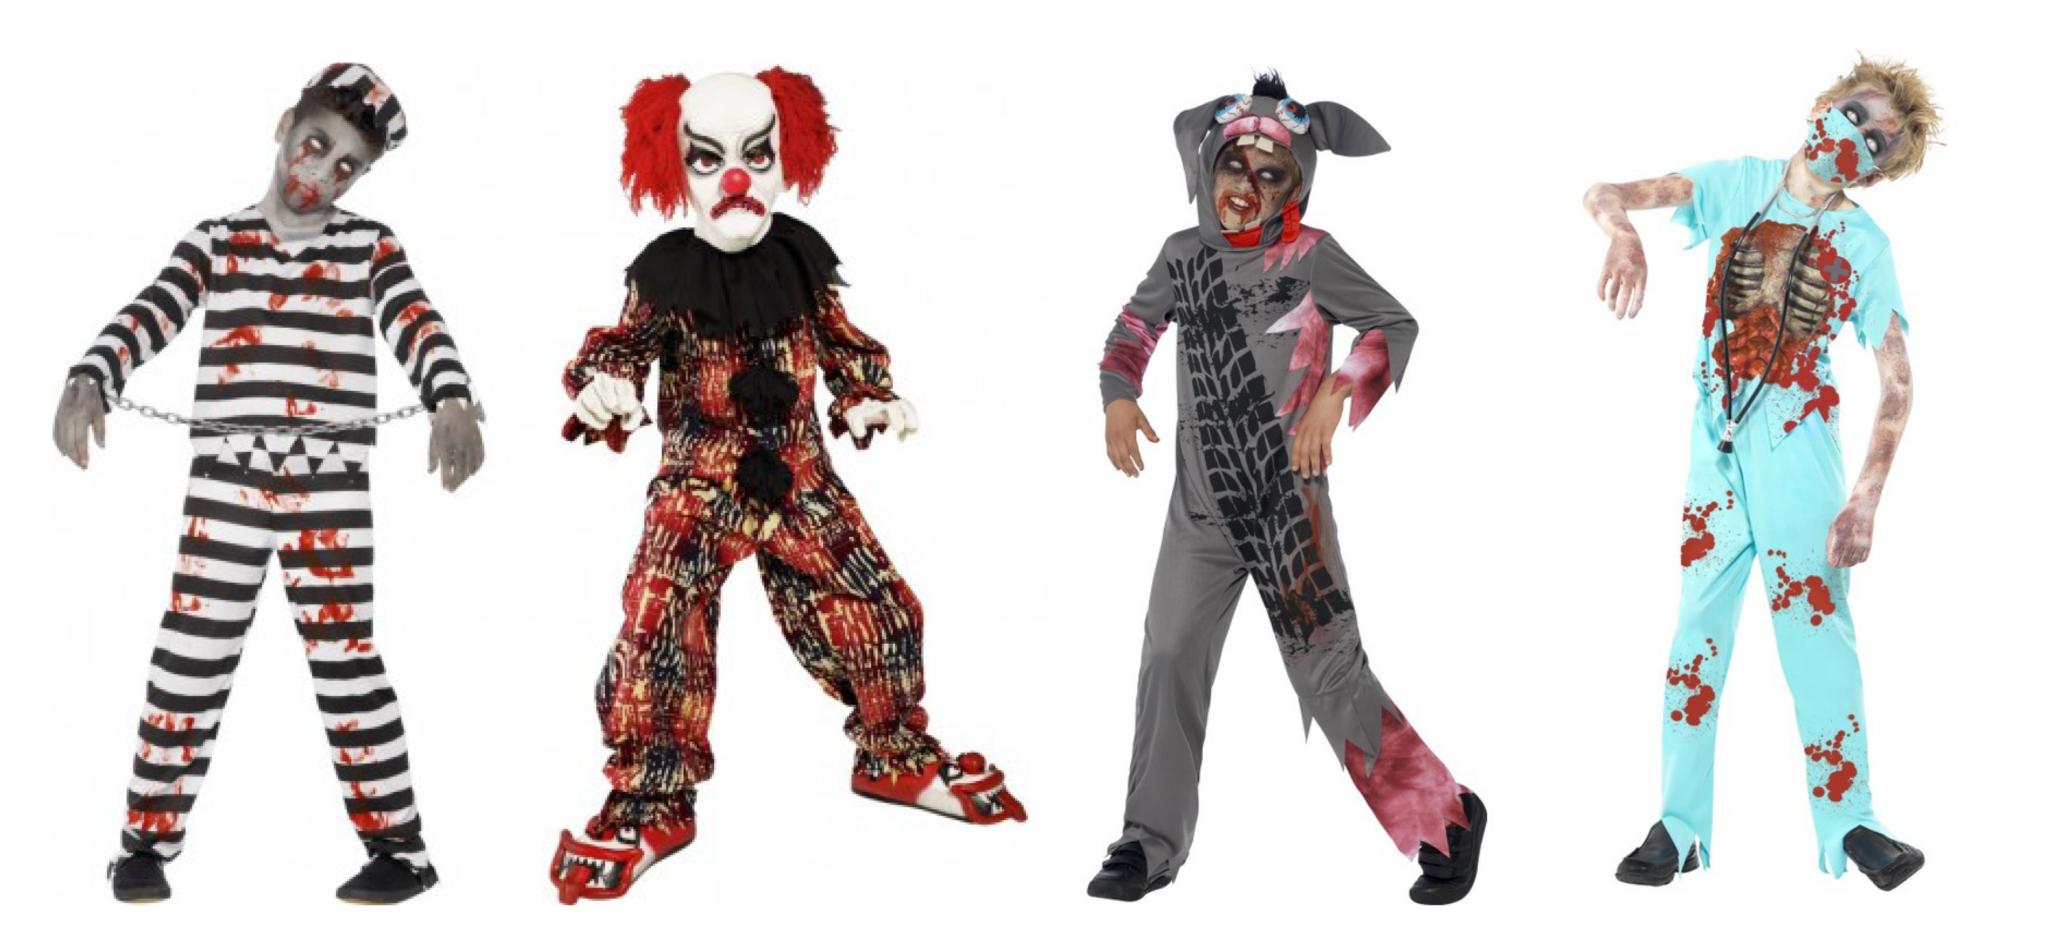 Zombie kostume, zombie kostumer til piger, børne zombie kostumer, kostumer til børn, halloween kostumer til børn,